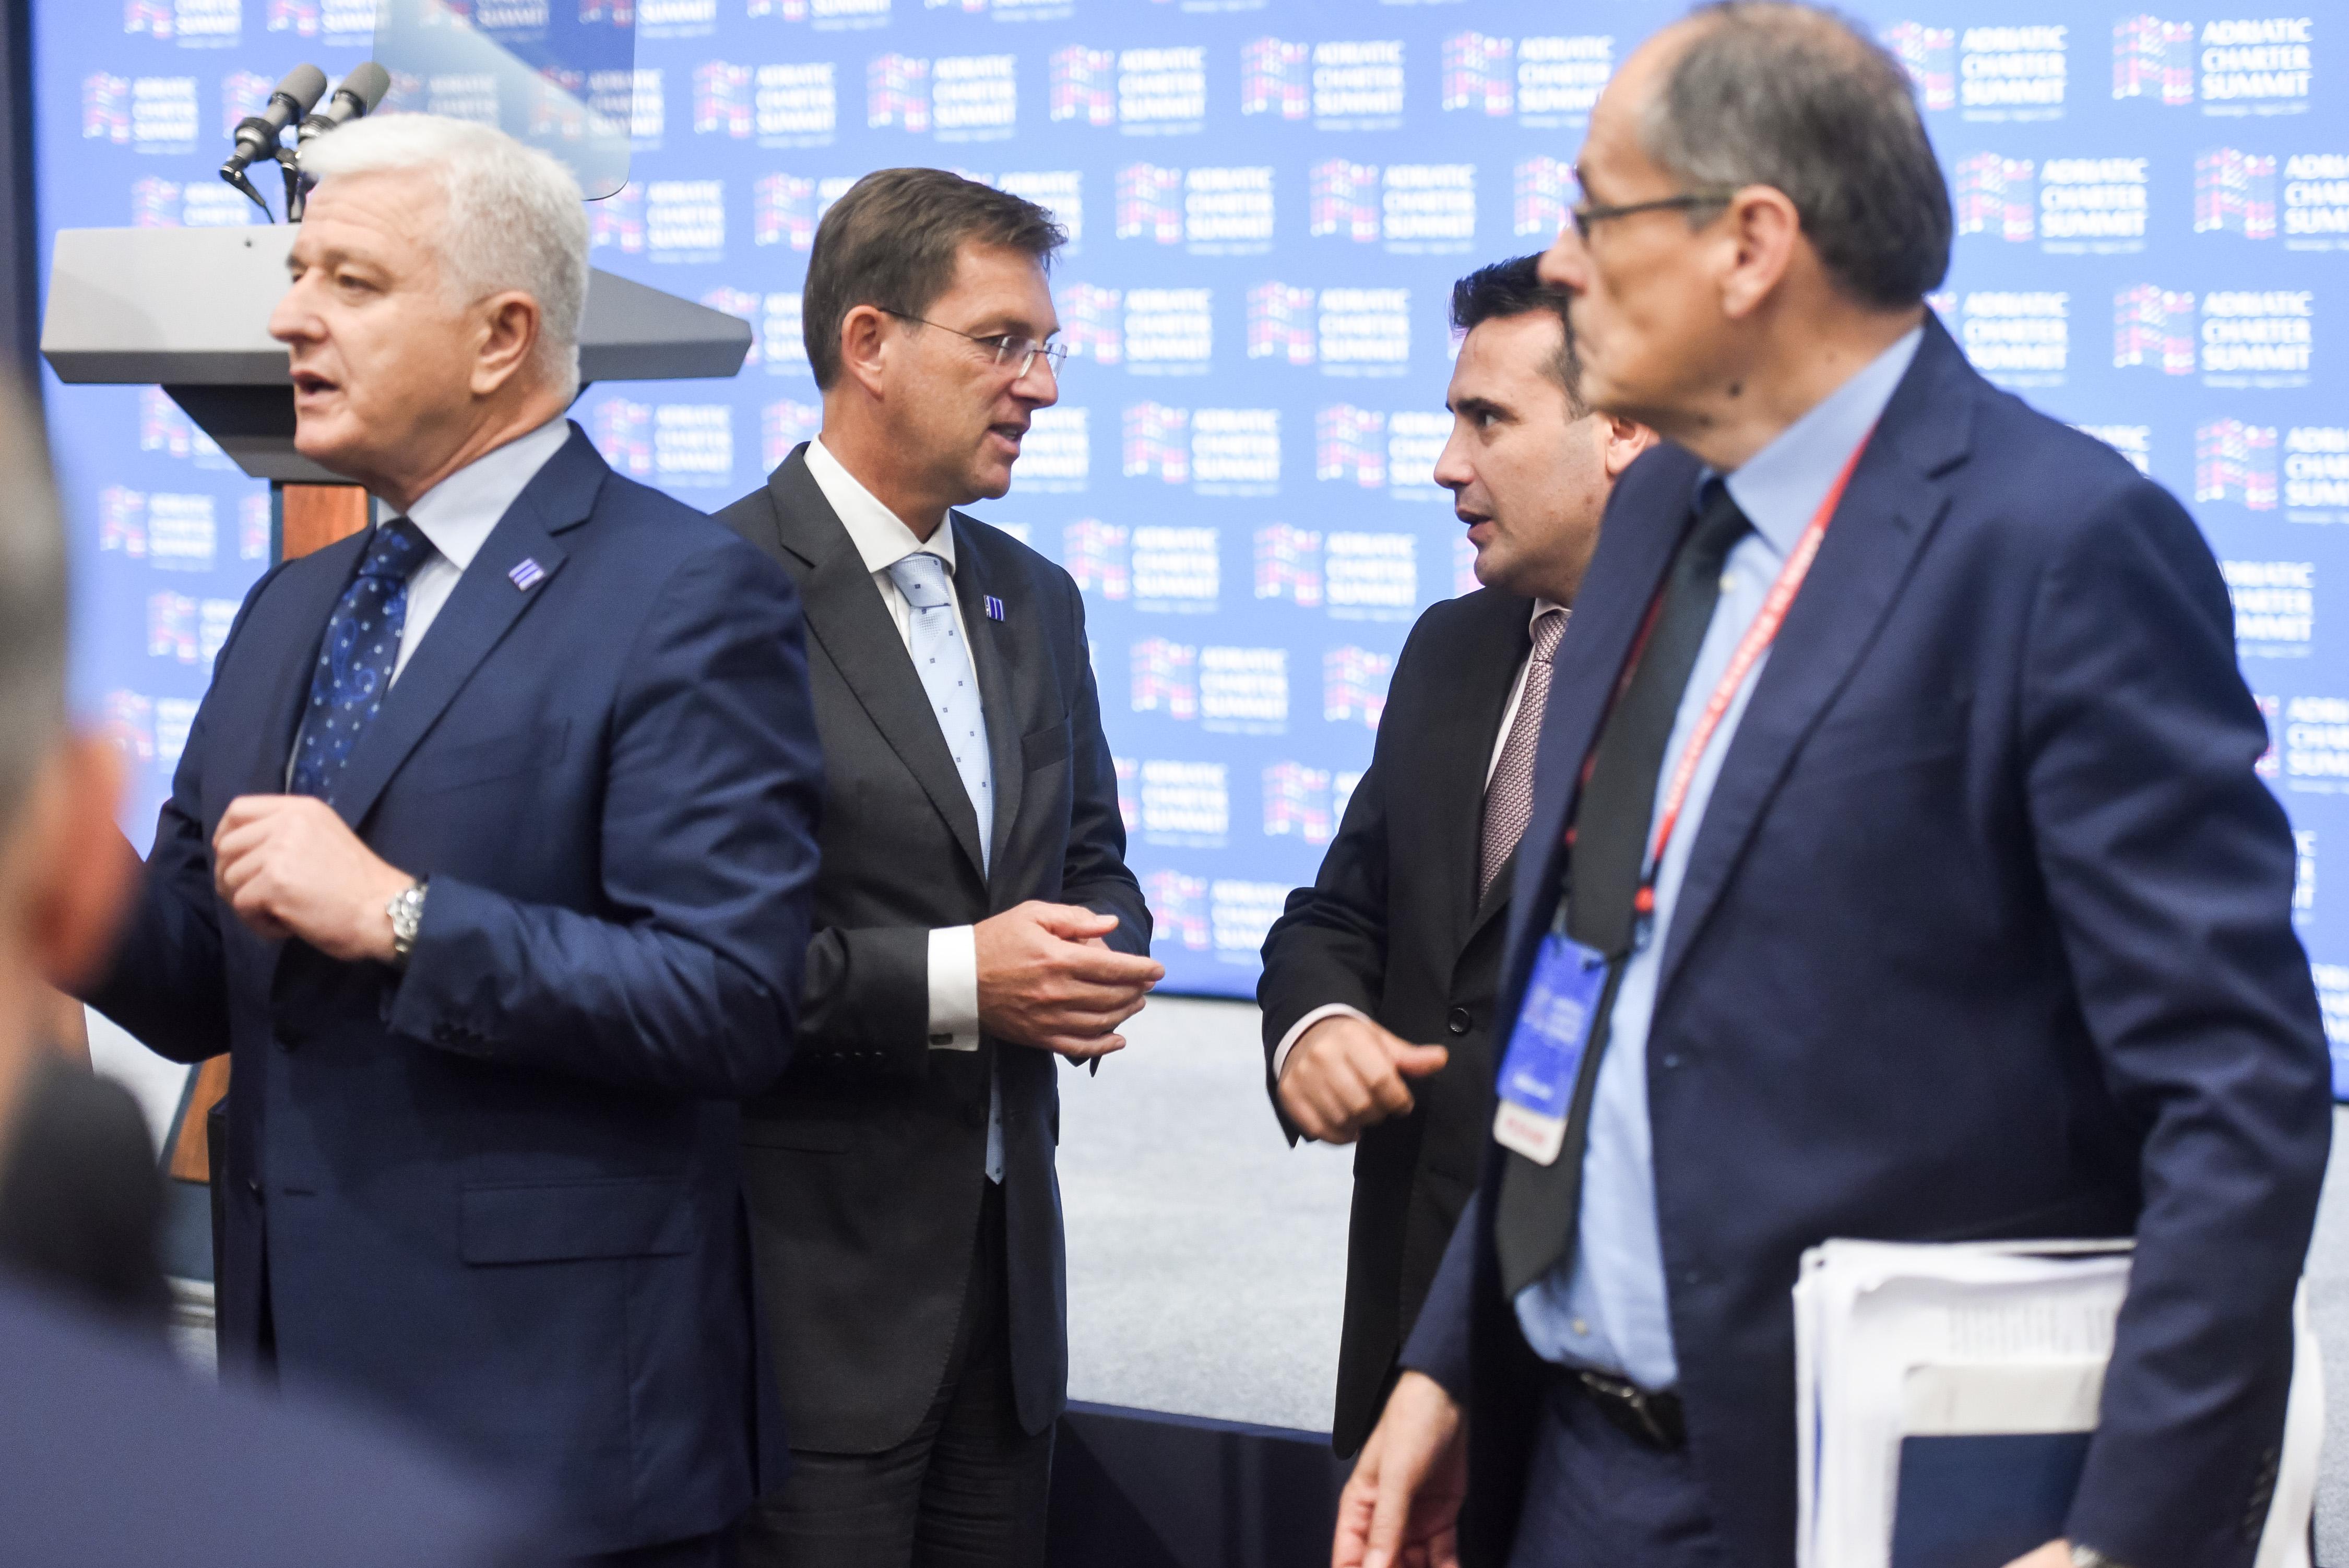 Crna gora, Podgorica. Uvodni del posebnega zasedanja drzav clanic Jadranske listine in opazovalk.